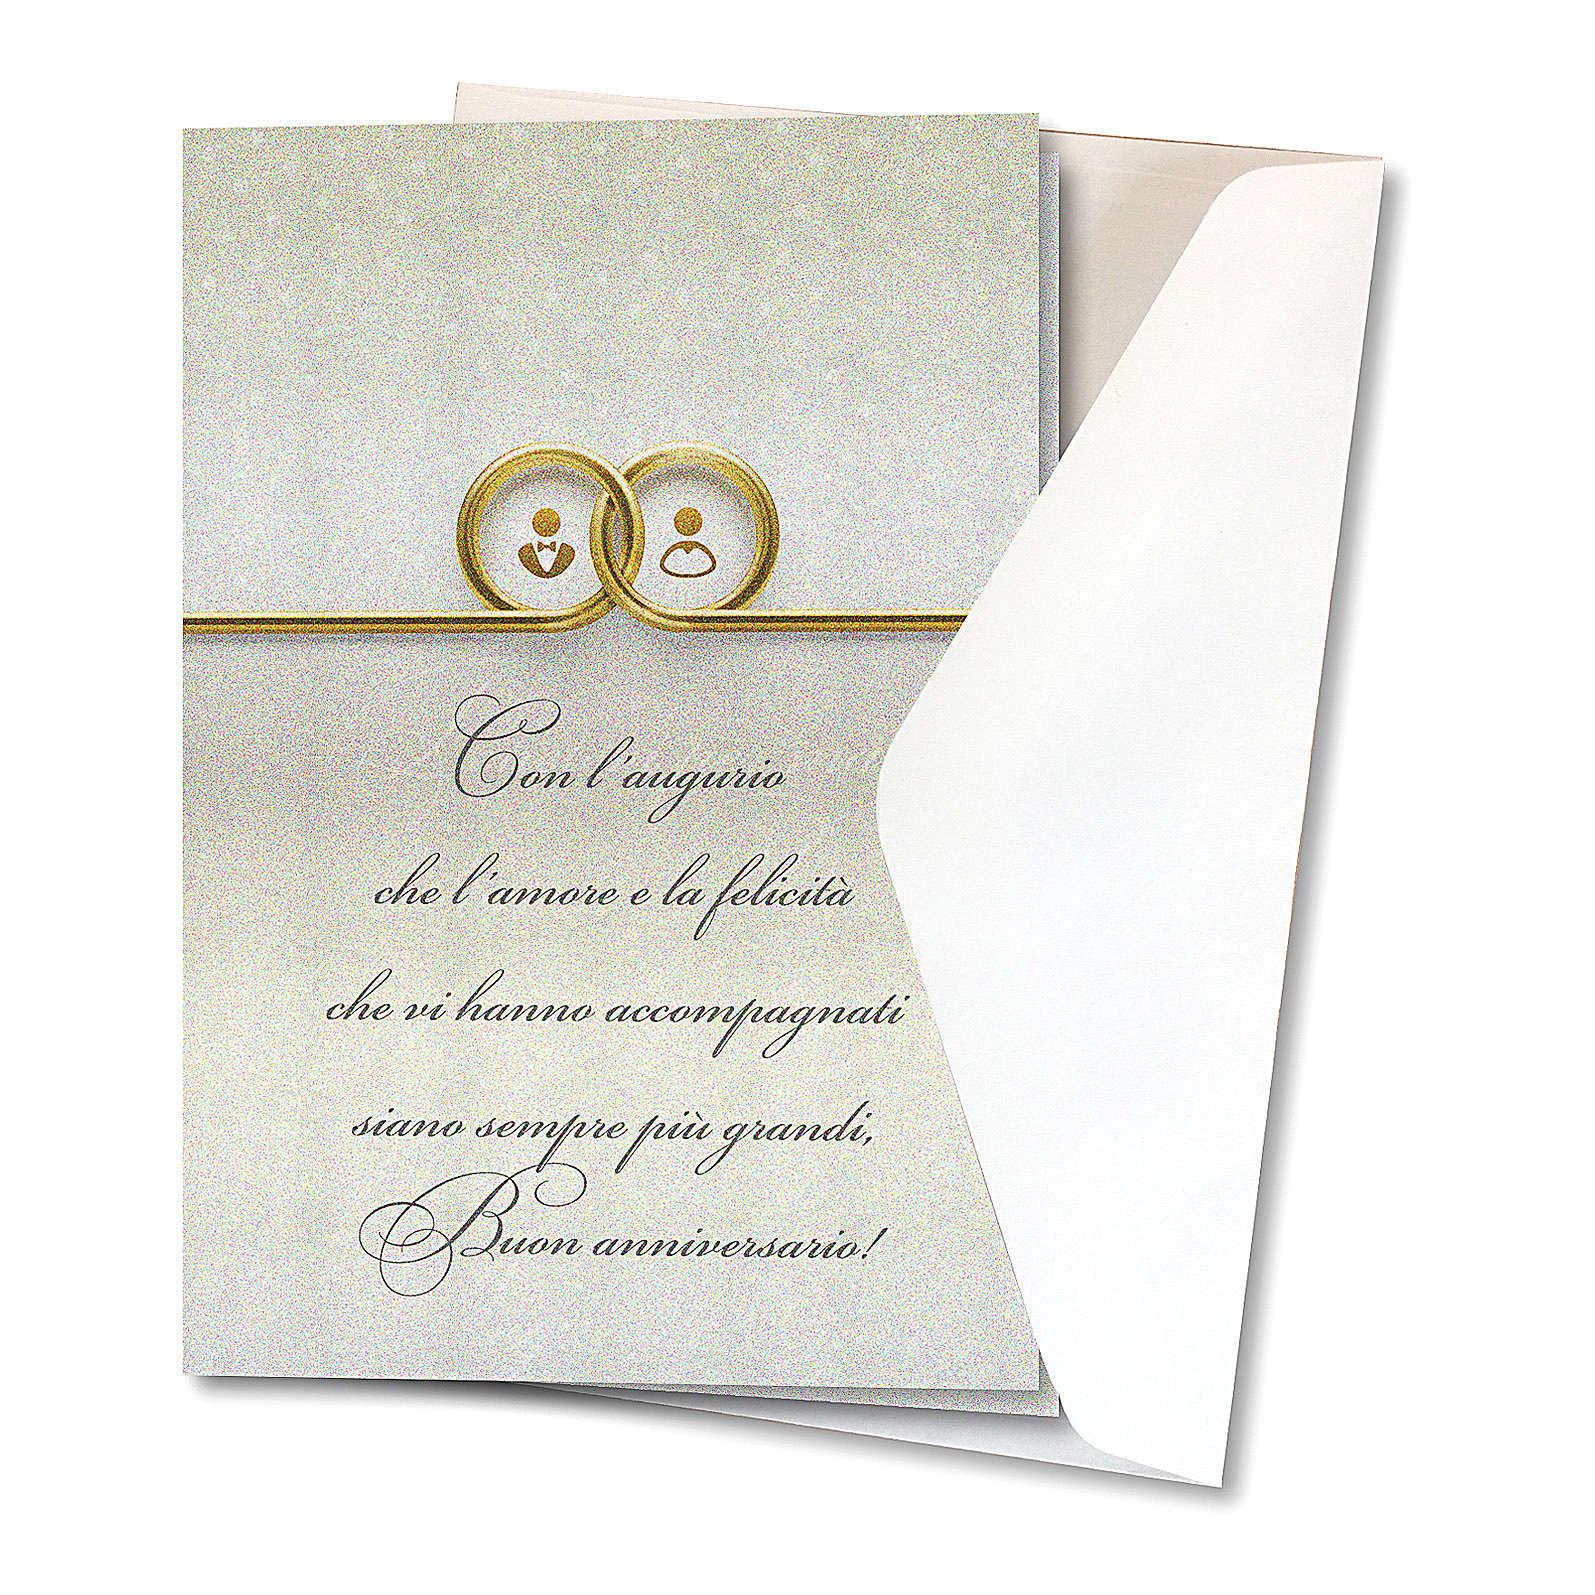 Anniversario Di Matrimonio Preghiera.Biglietto Augurale Carta Perlata Per L Anniversario Di Nozze Fedi